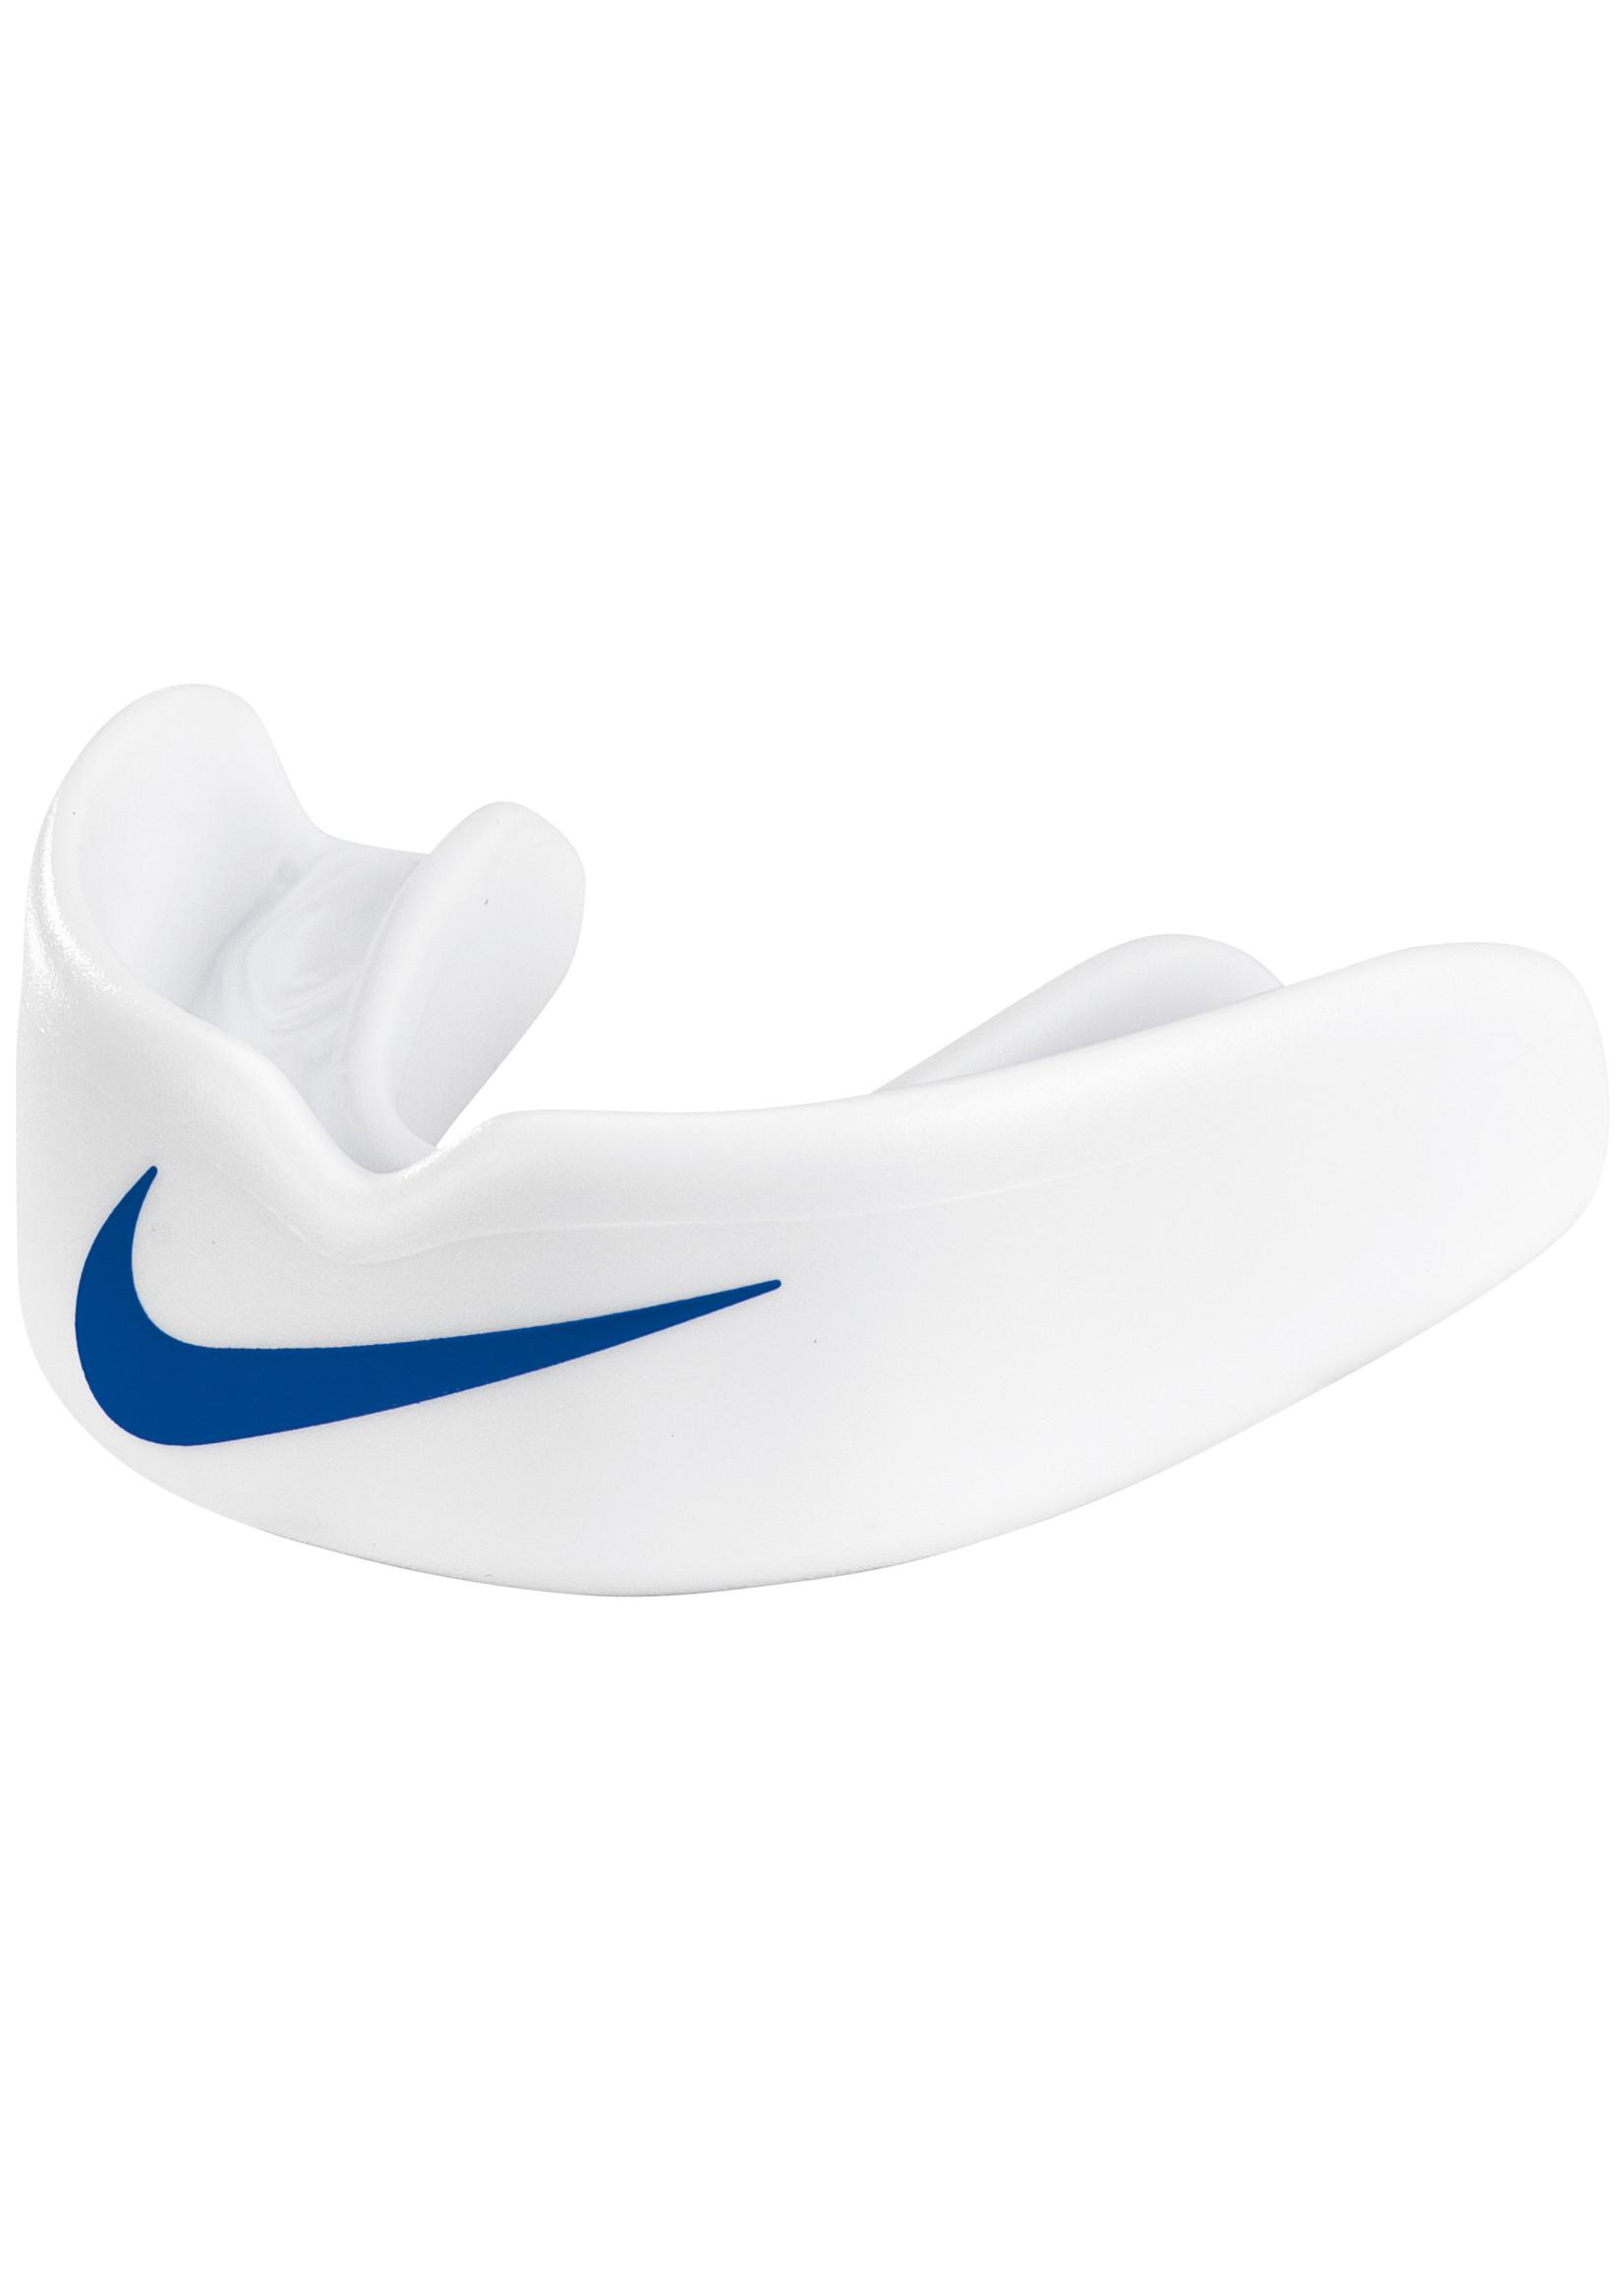 Nike Hyperflow MouthGuard Youth White/Royal